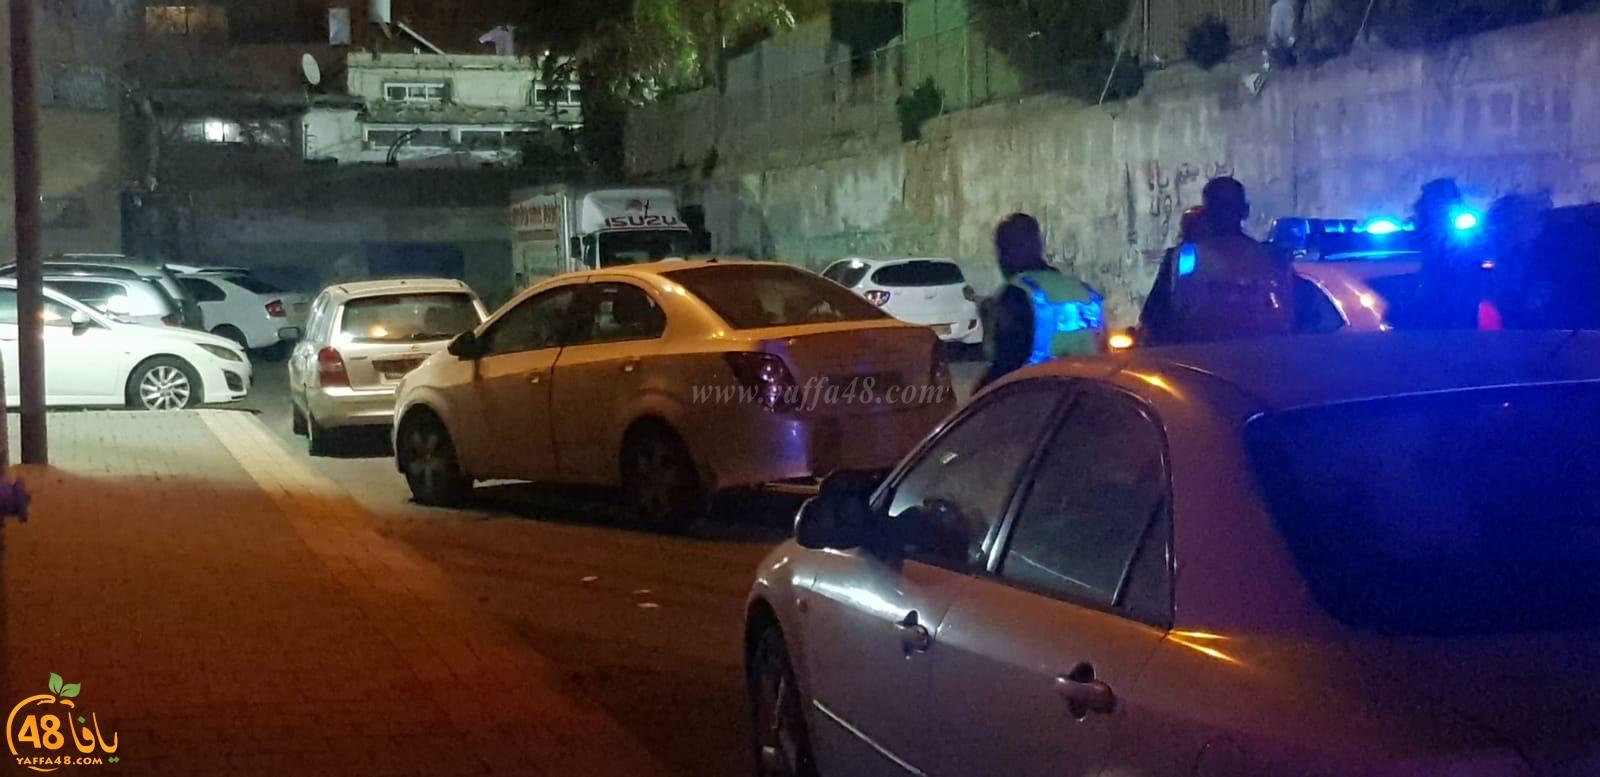 فيديو: اعتقال شاب بعد مطاردته في مدينة يافا